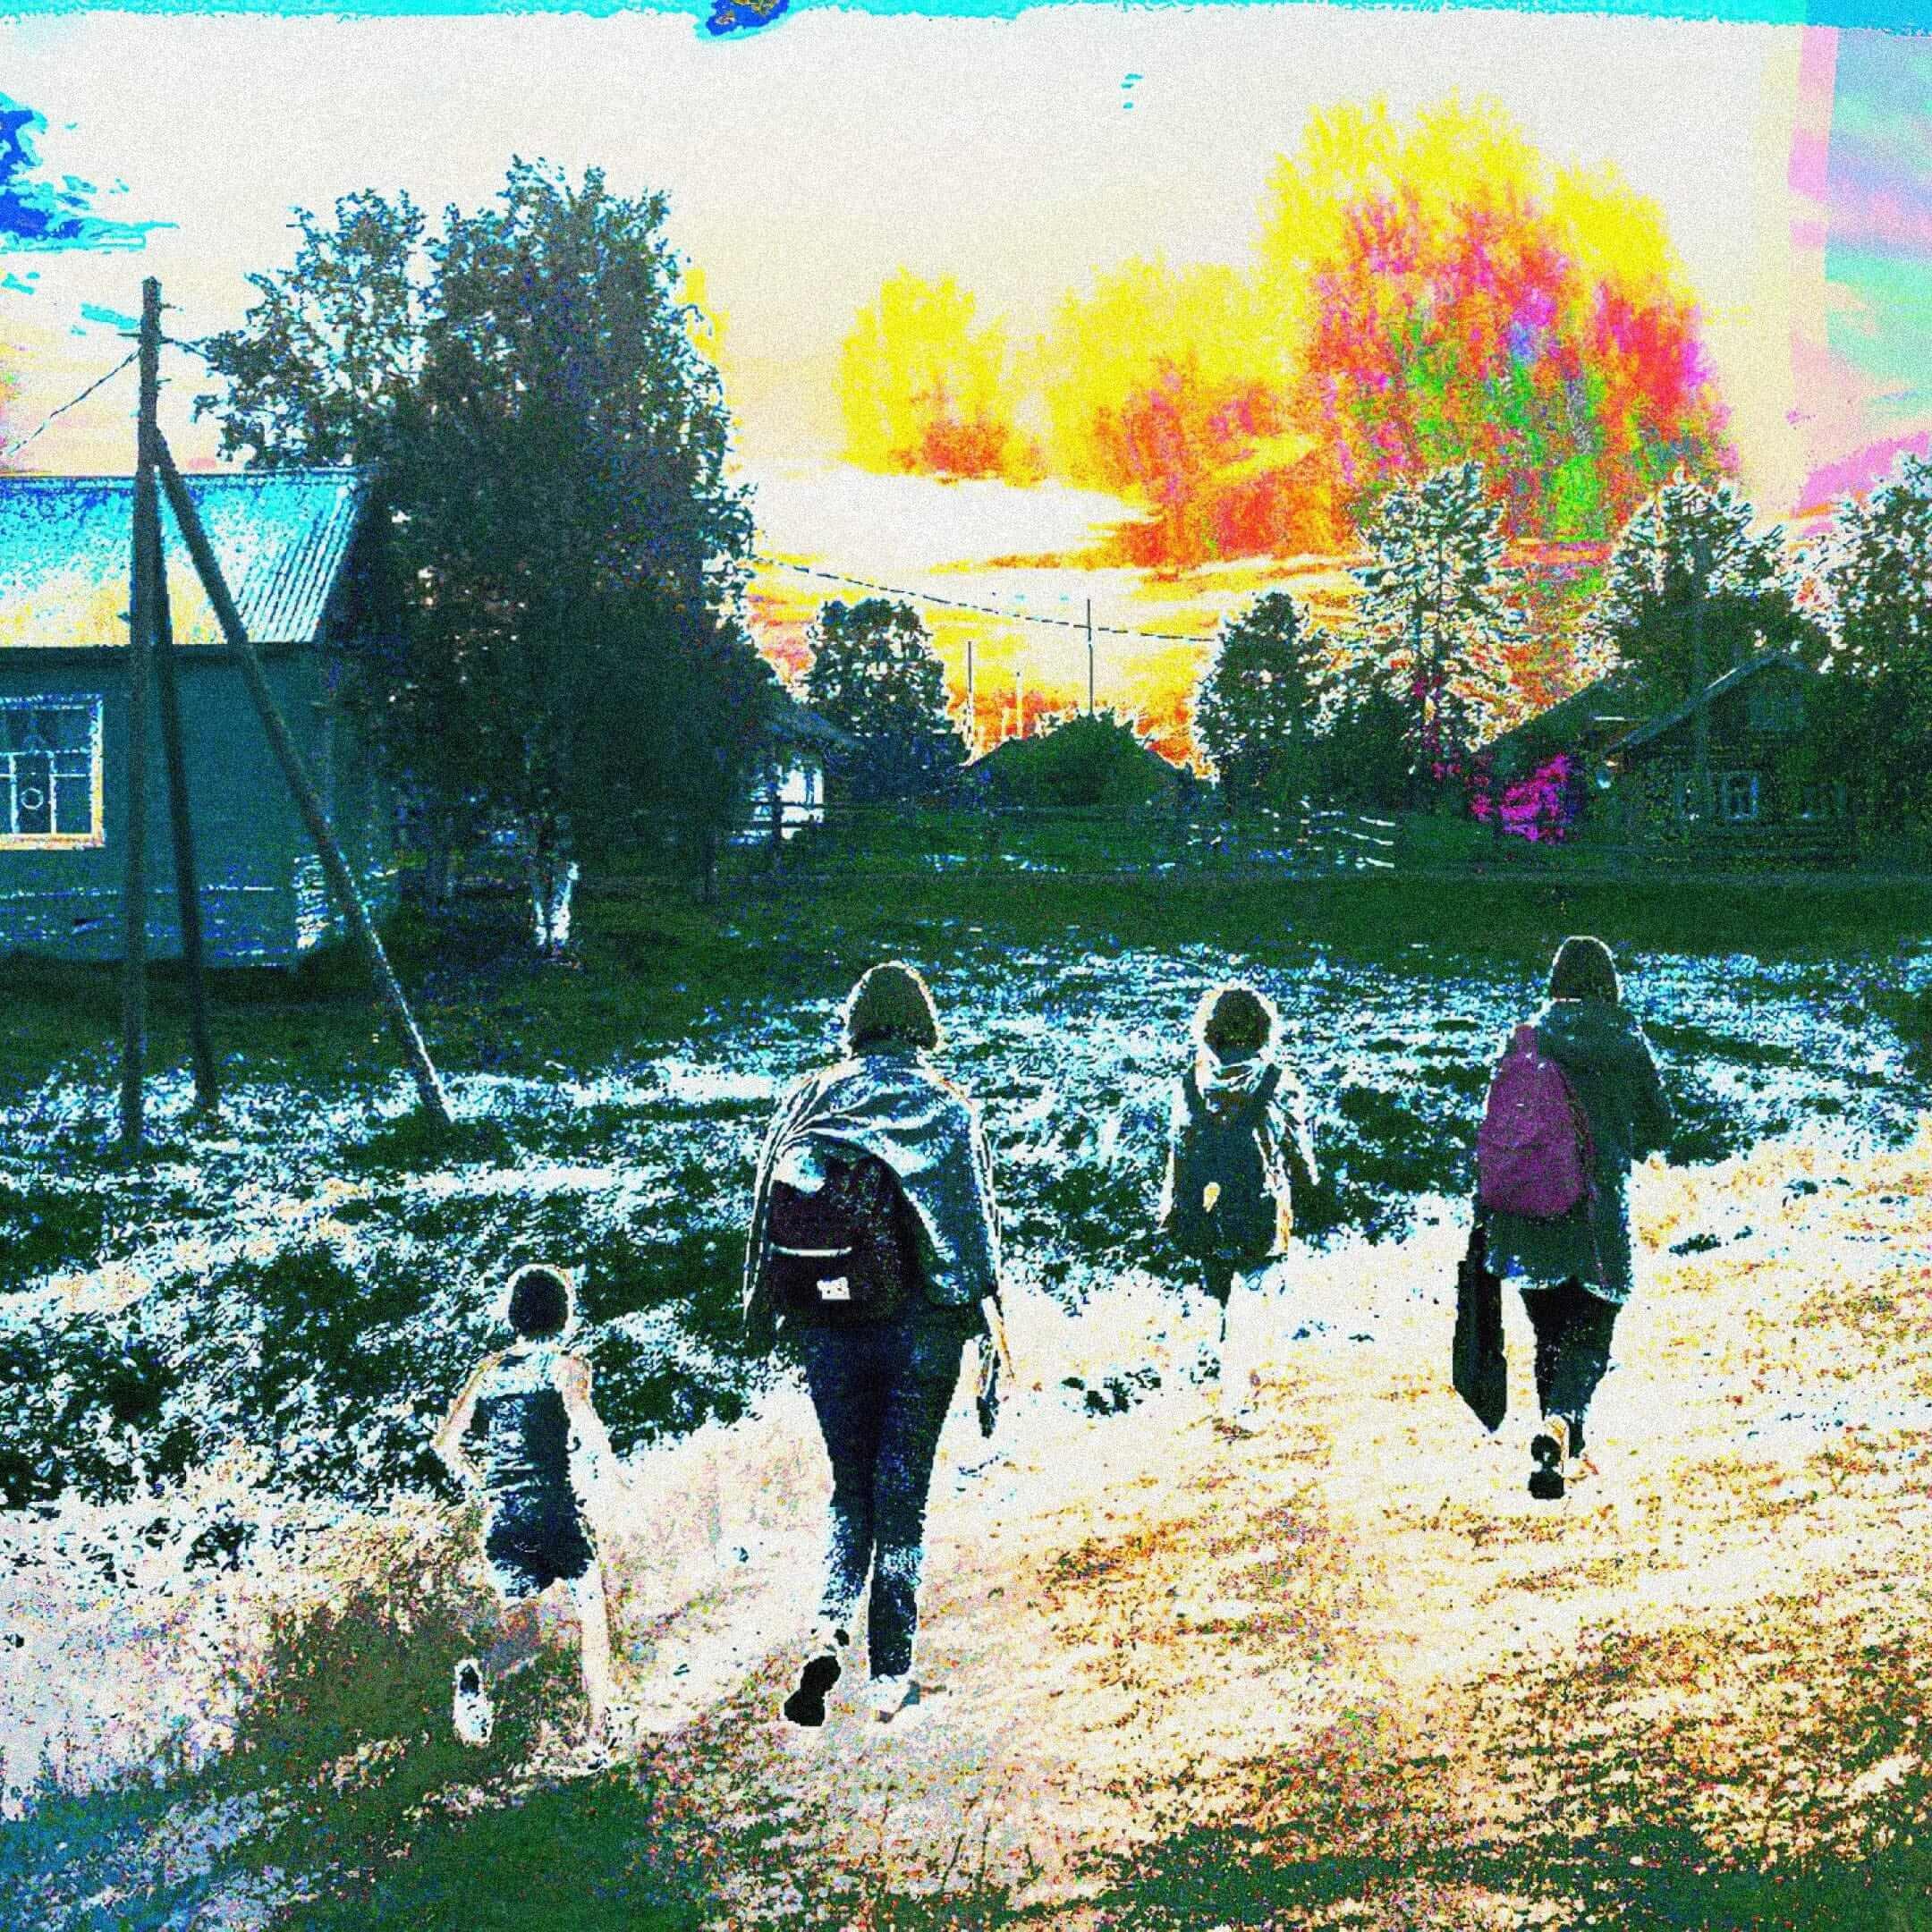 Участники научной экспедиции в селе Кипиево в Ижемском районе Республики Коми. Фото: Андриан Влахов